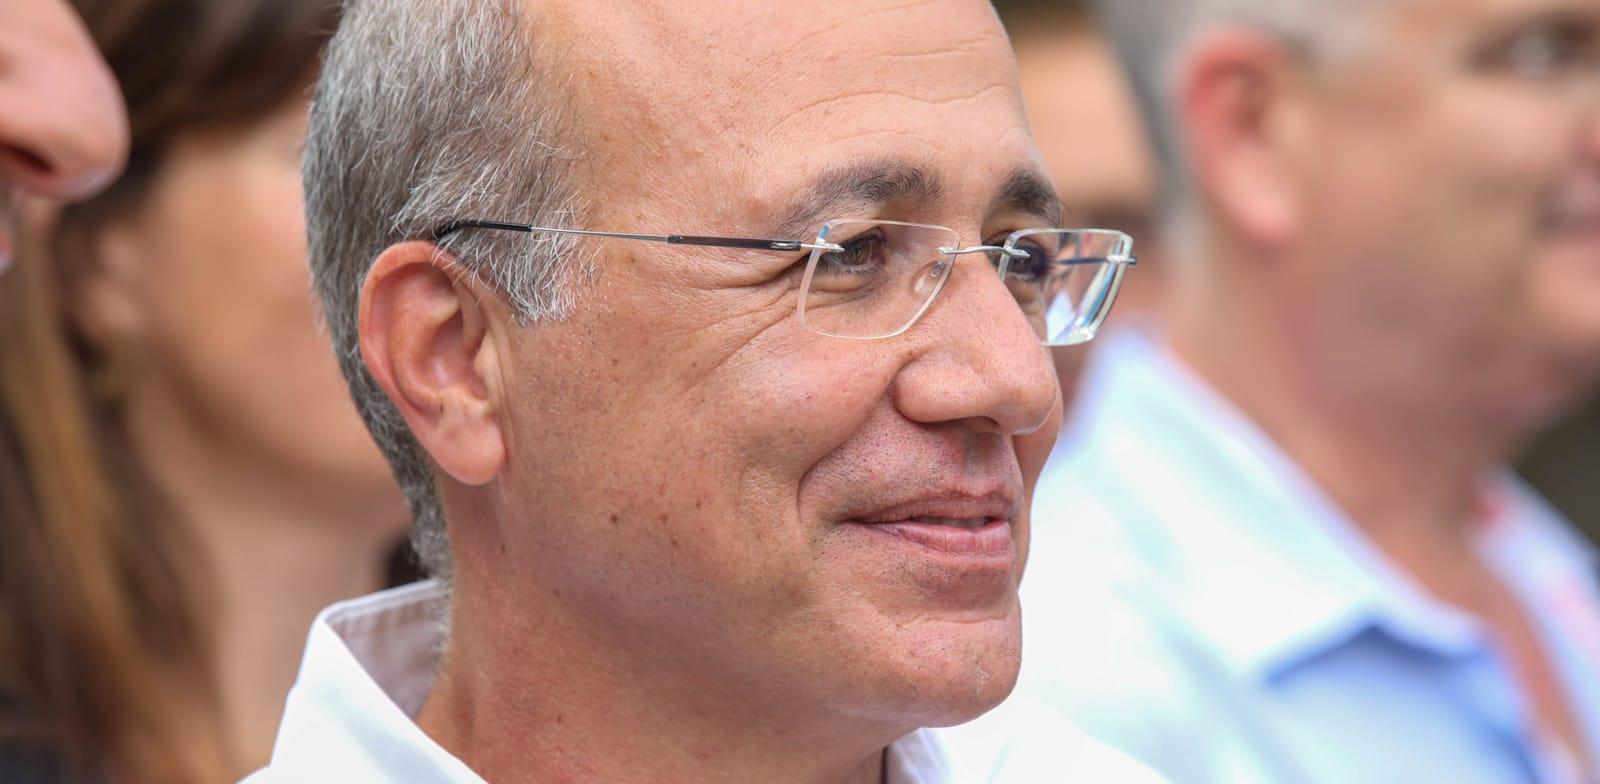 משה ברקת, הממונה על רשות שוק ההון / צילום: שלומי יוסף